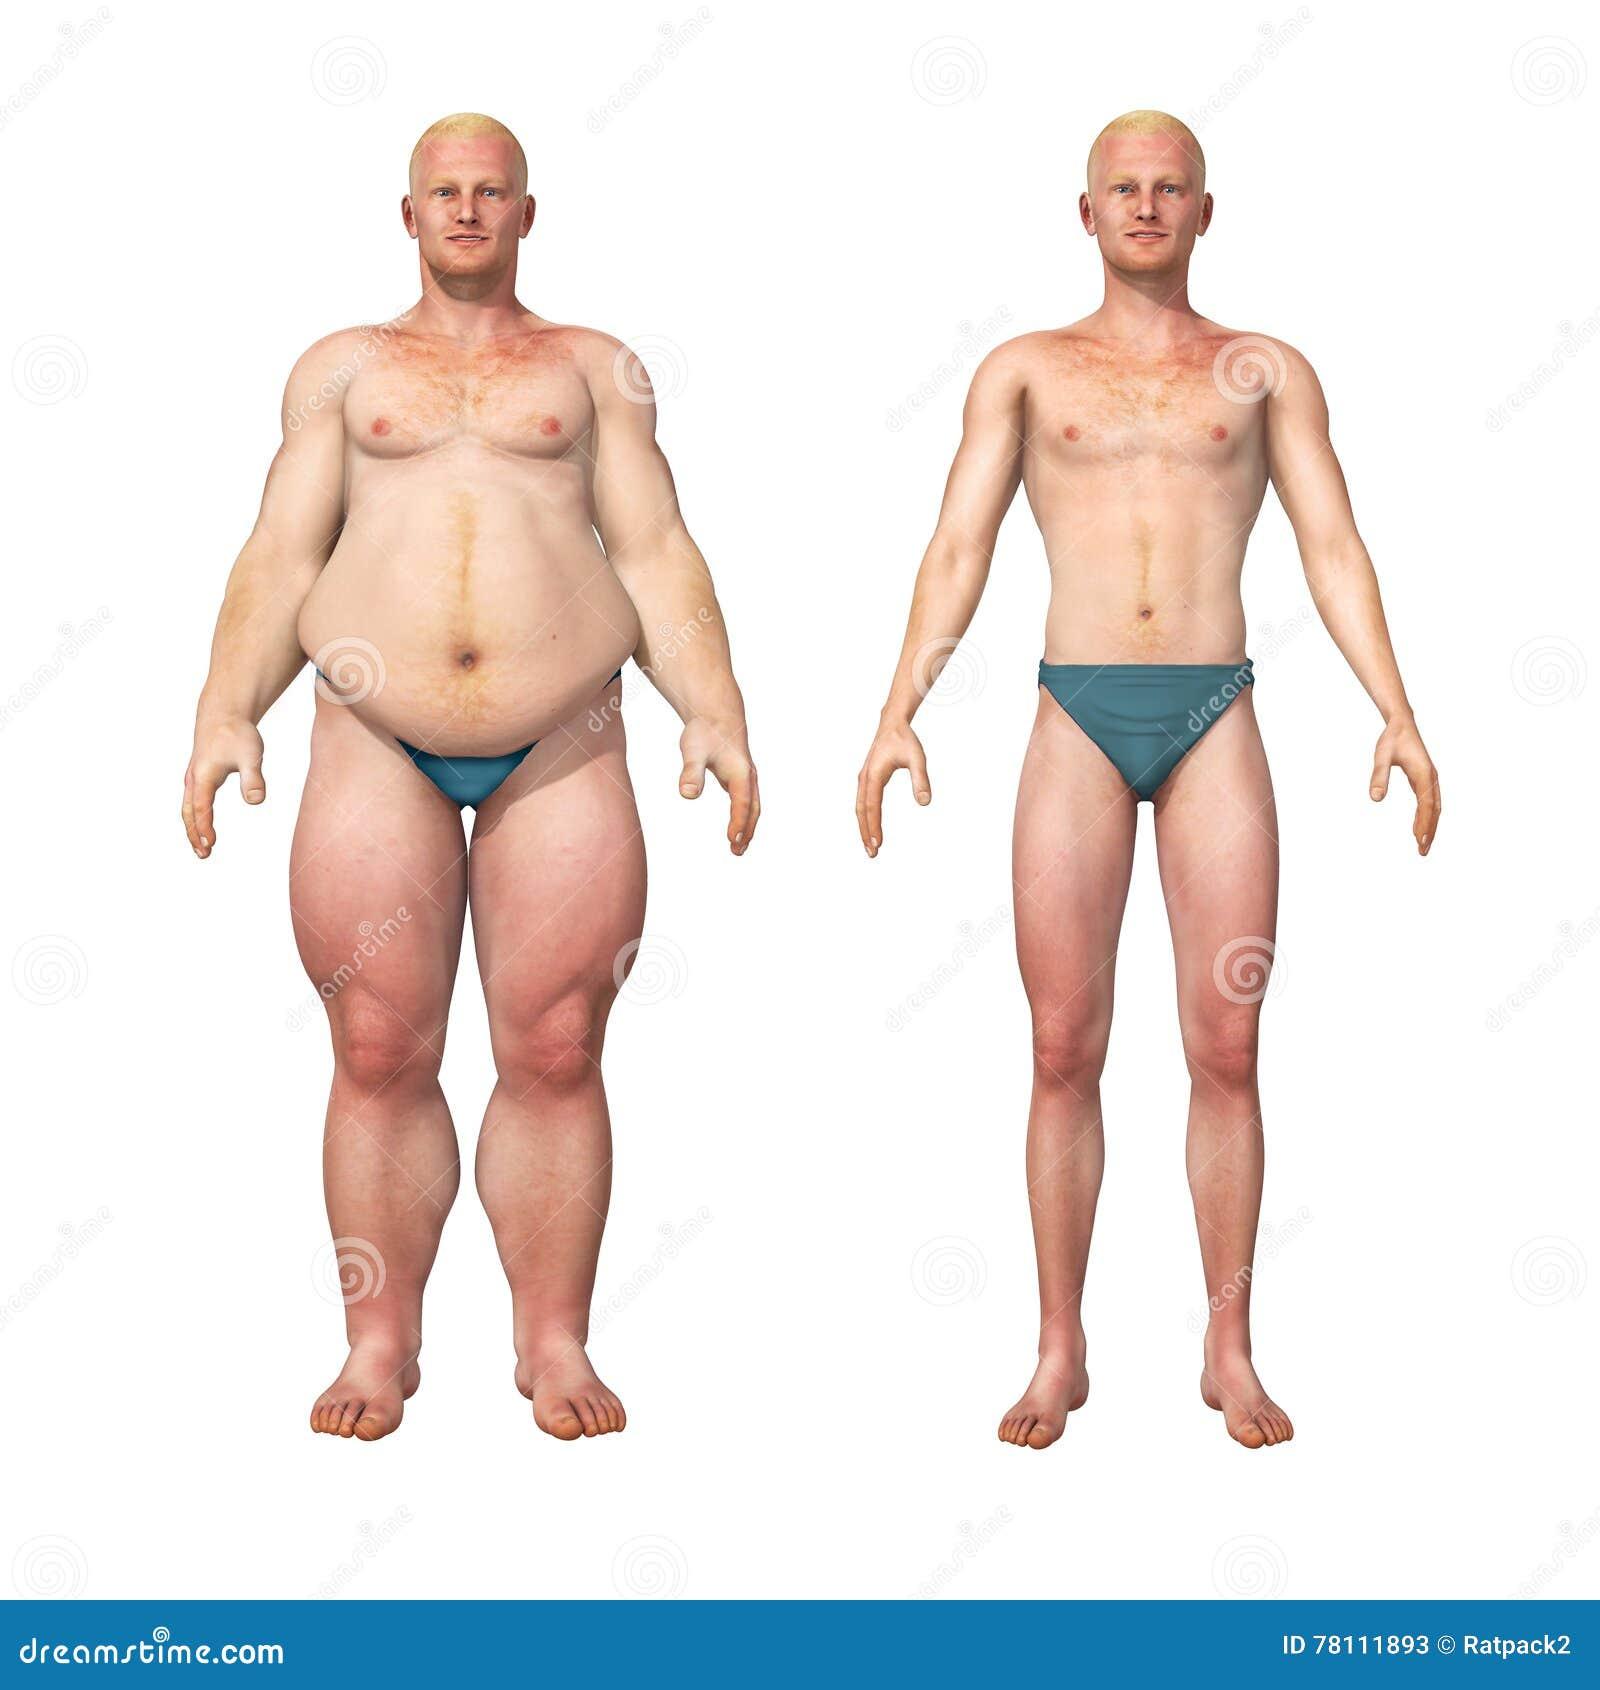 communauté de perte de graisse brûleur de graisse t5 somatox